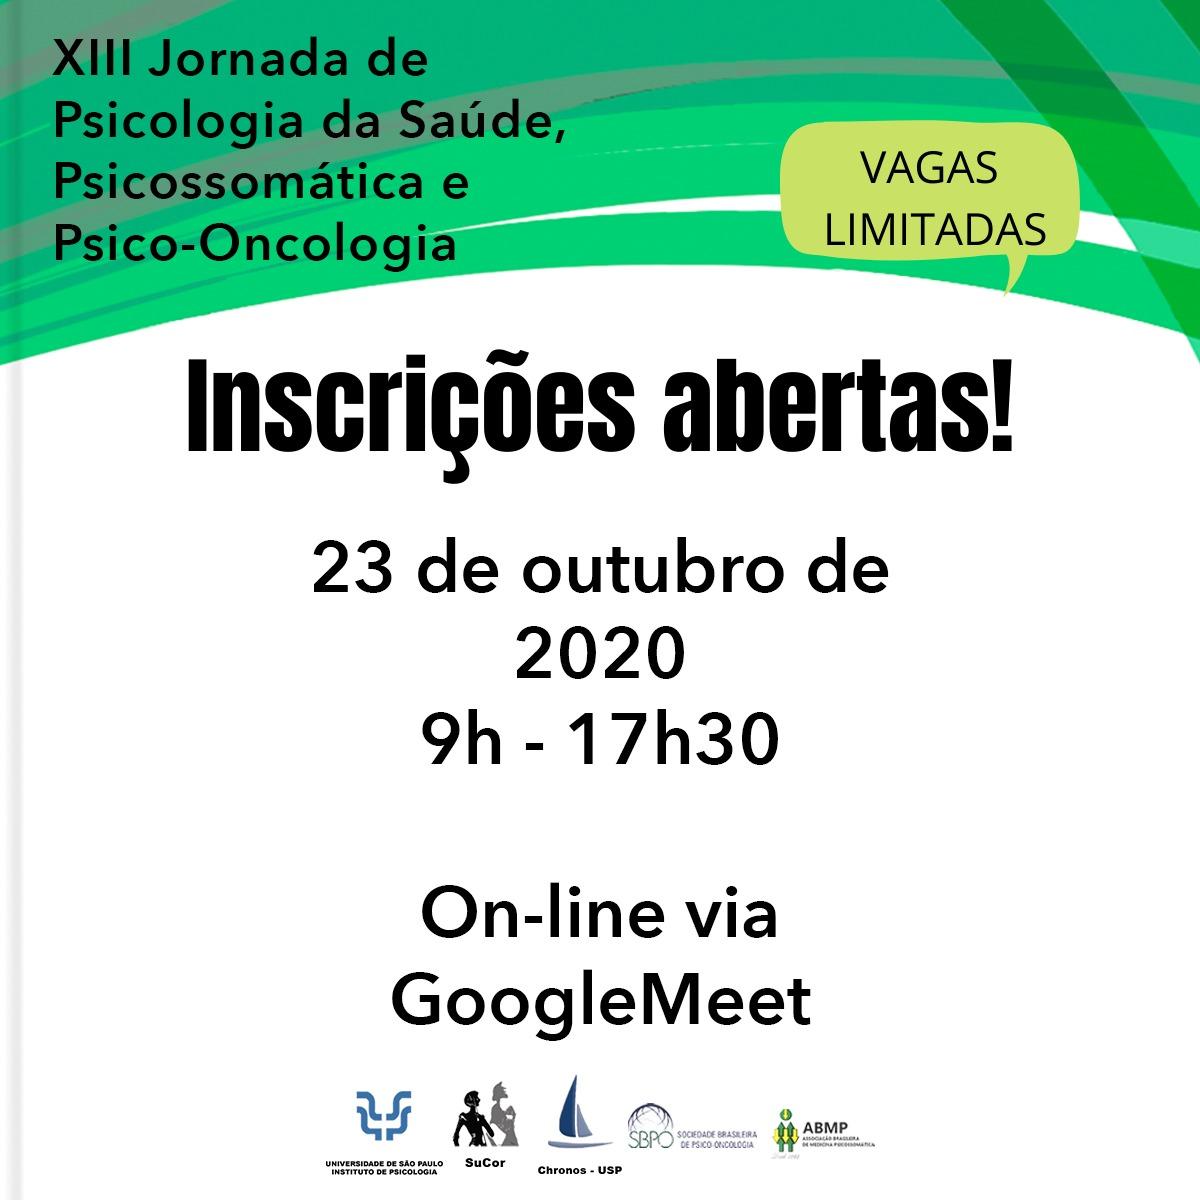 XIII Jornada de Psicologia da Saúde, Psicossomática e Psico-Oncologia